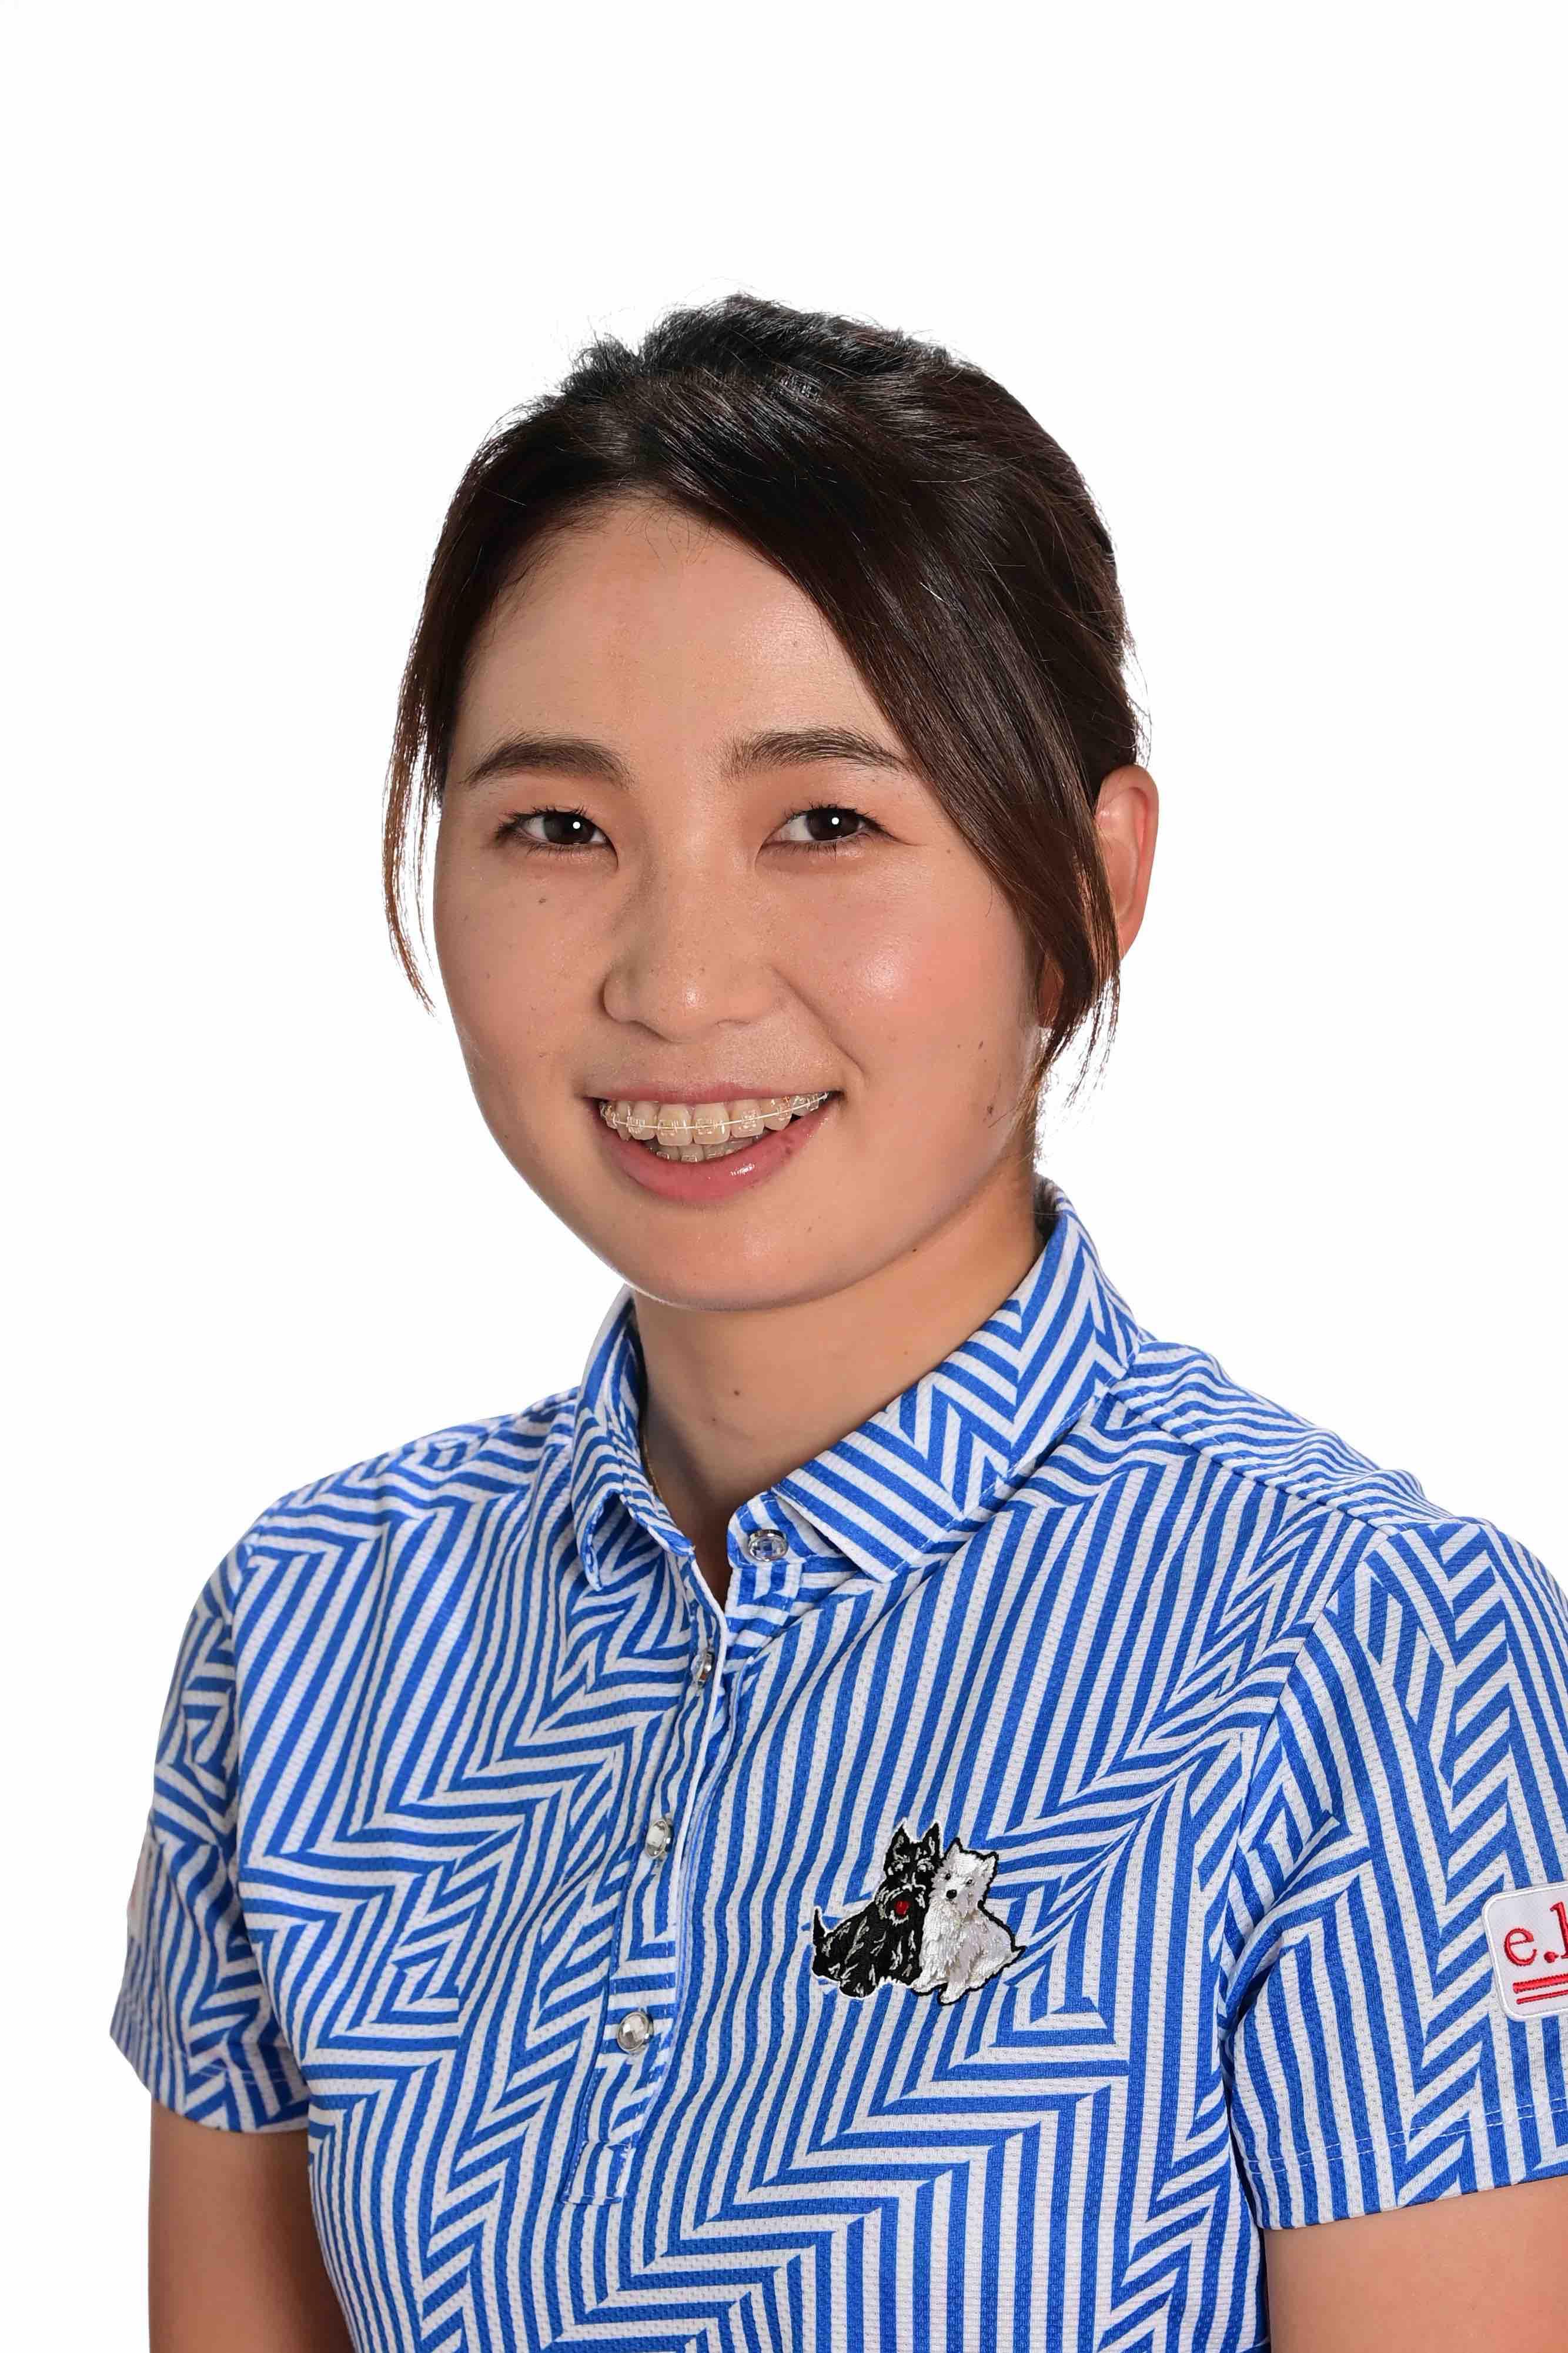 【JLPGA公式】蛭田 みな美 選手(キャップ)